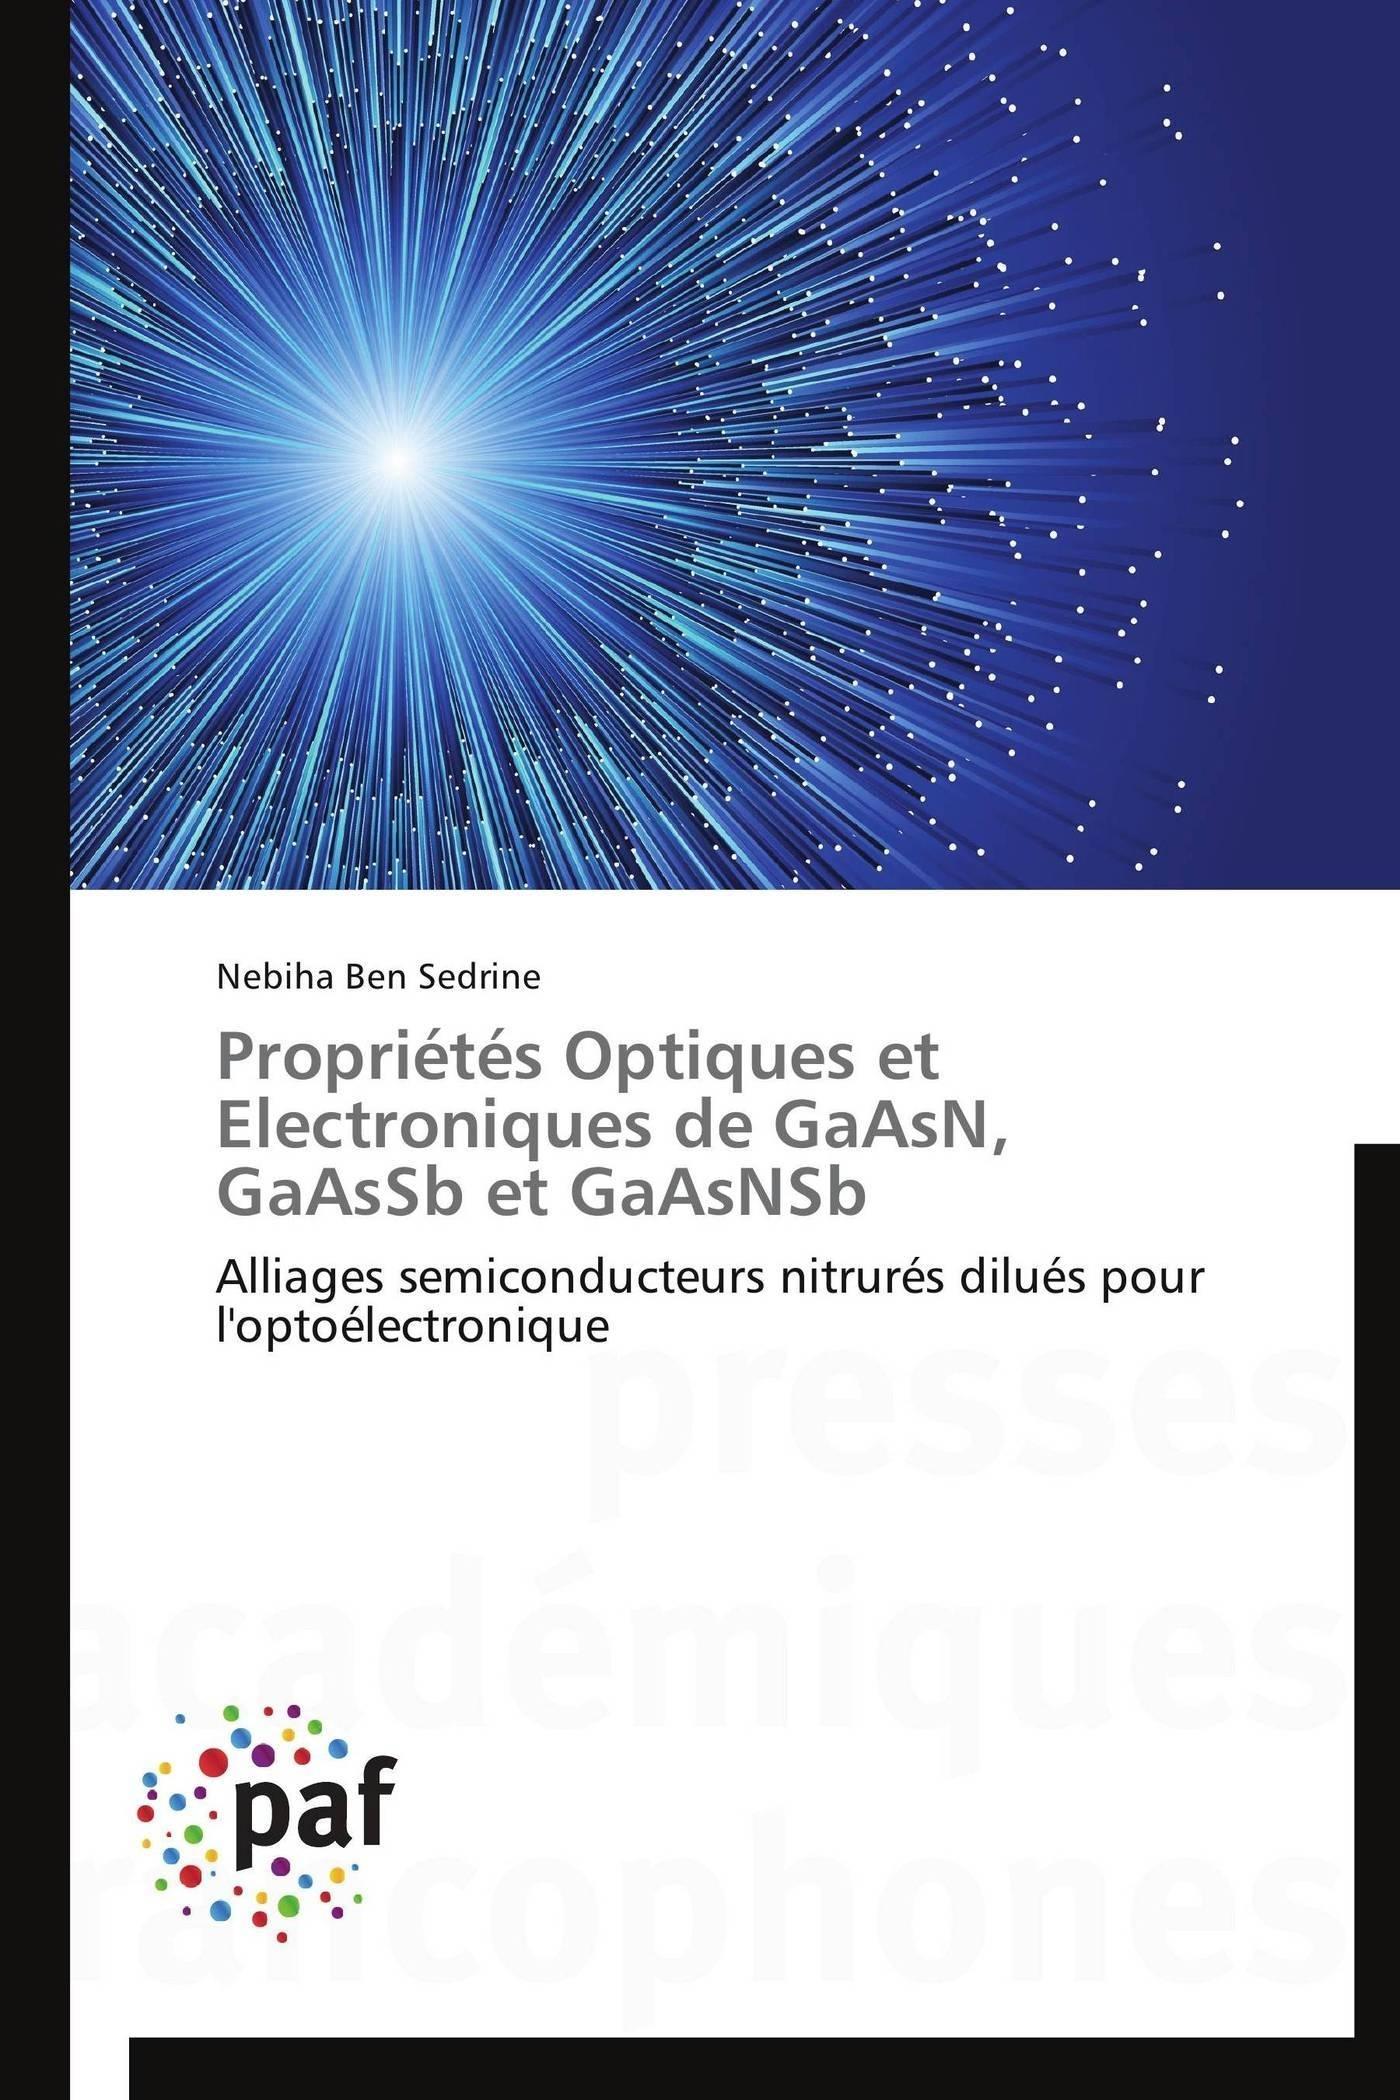 PROPRIETES OPTIQUES ET ELECTRONIQUES DE GAASN, GAASSB ET GAASNSB